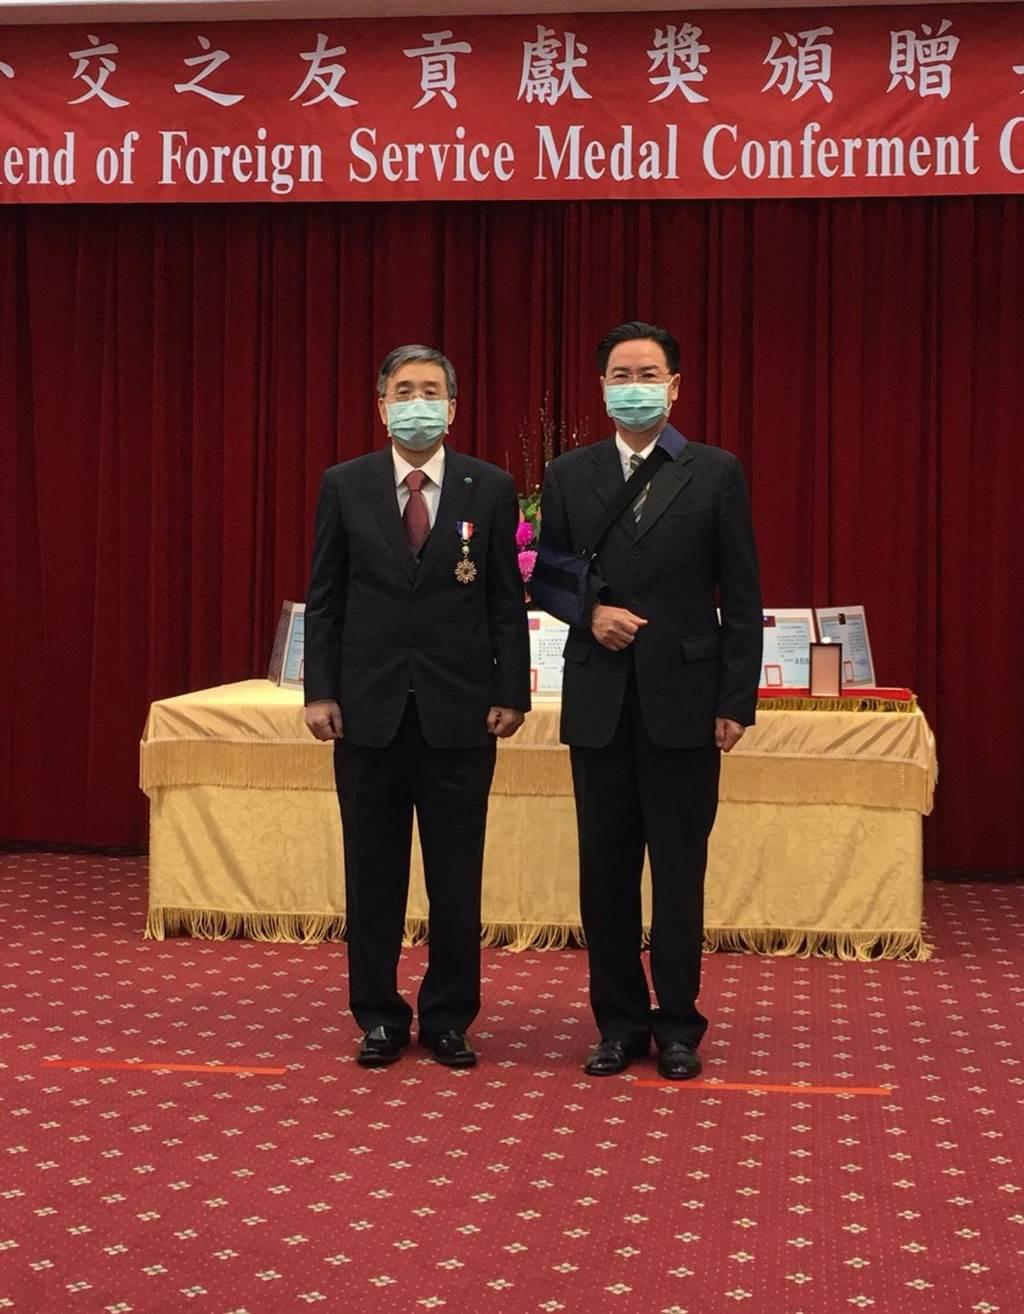 國泰醫院院長李發焜代表接受外交部頒贈「外交之友貢獻獎」。(國泰醫院提供)